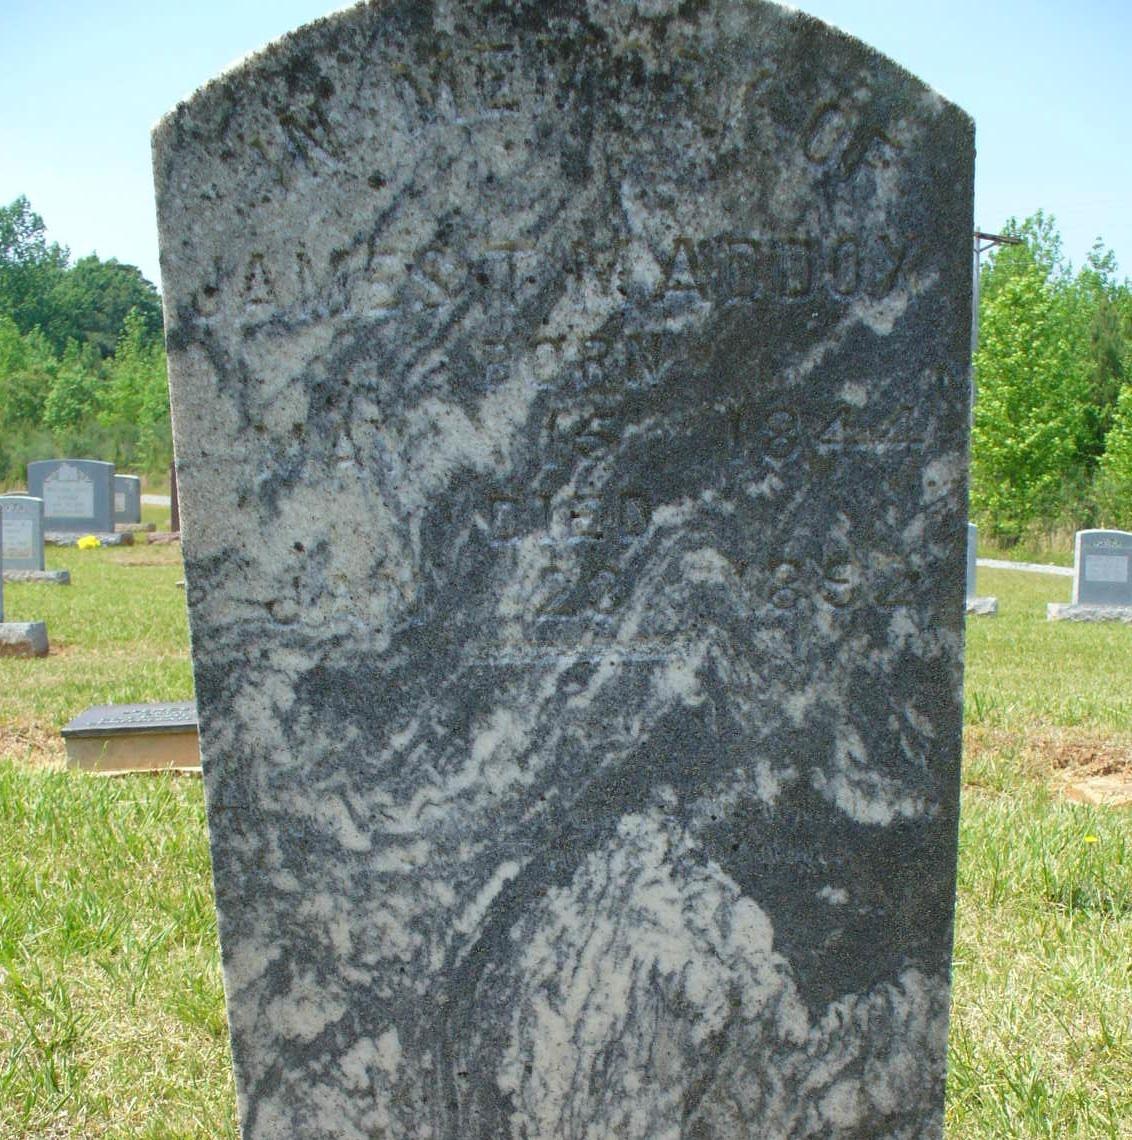 Using PicMonkey to Decipher Gravestones